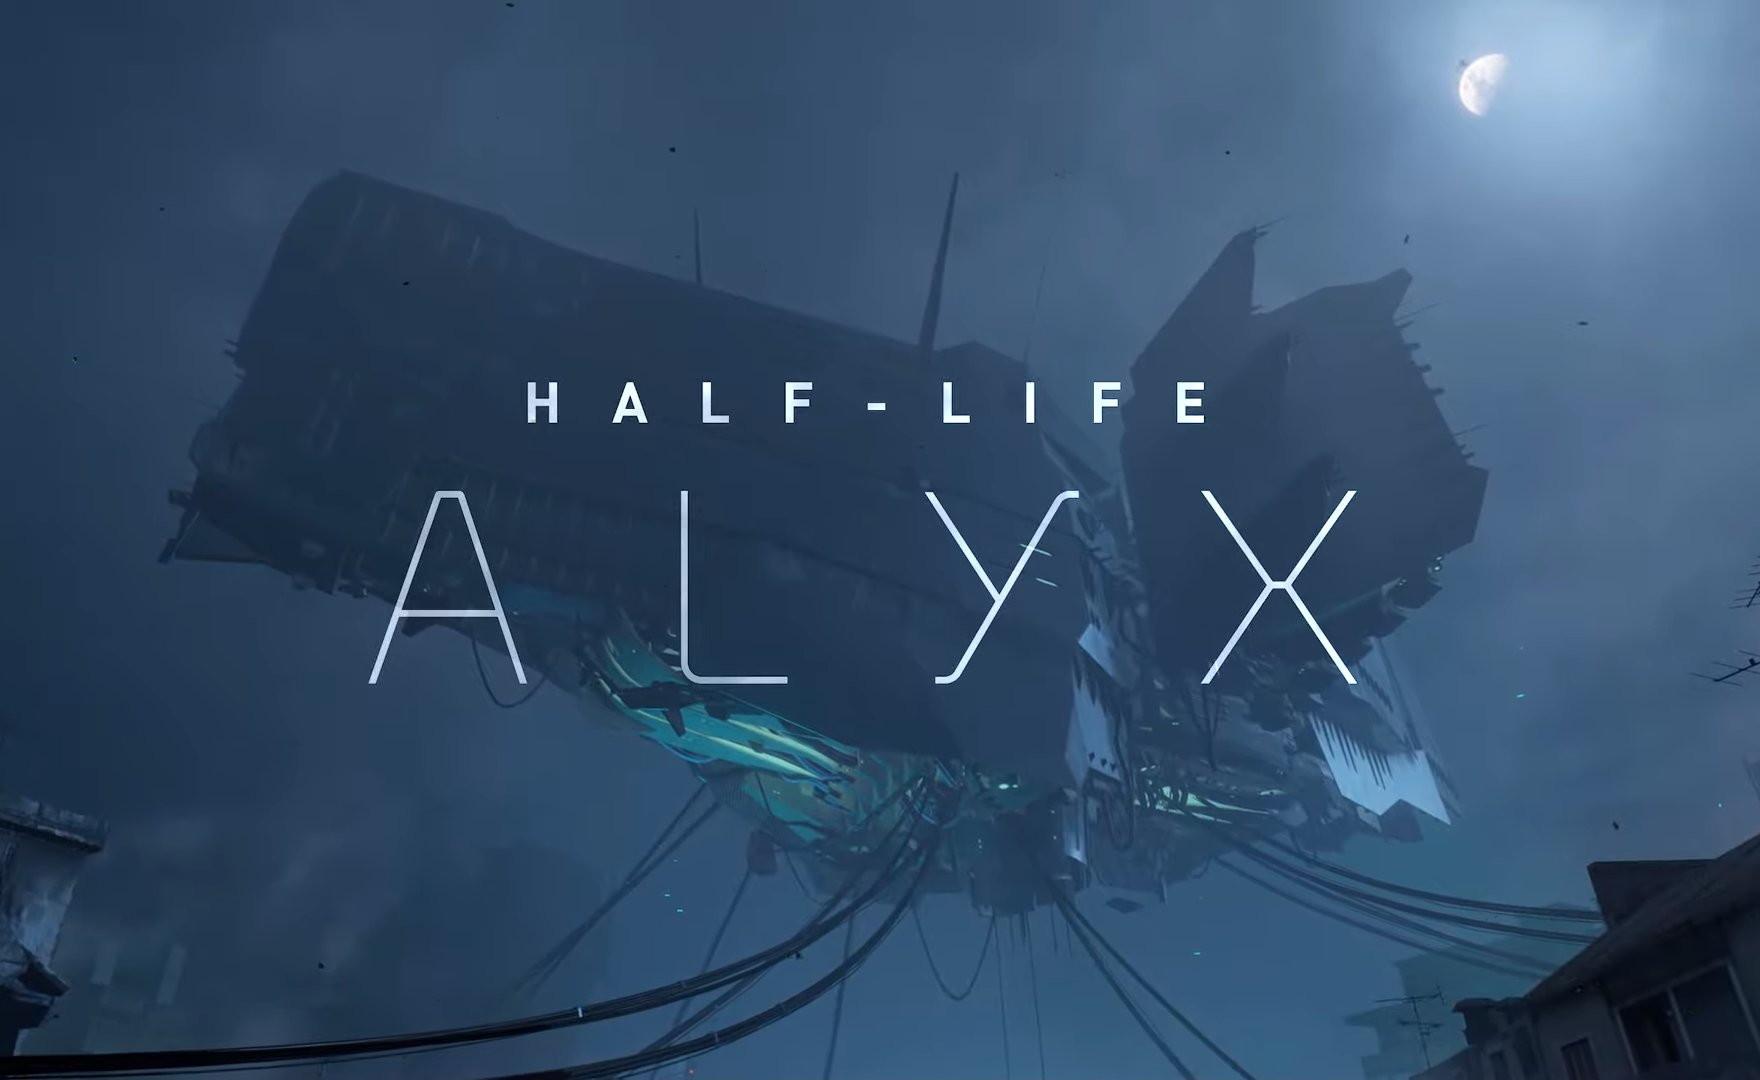 Half Life Alyx: data d'uscita confermata ufficialmente